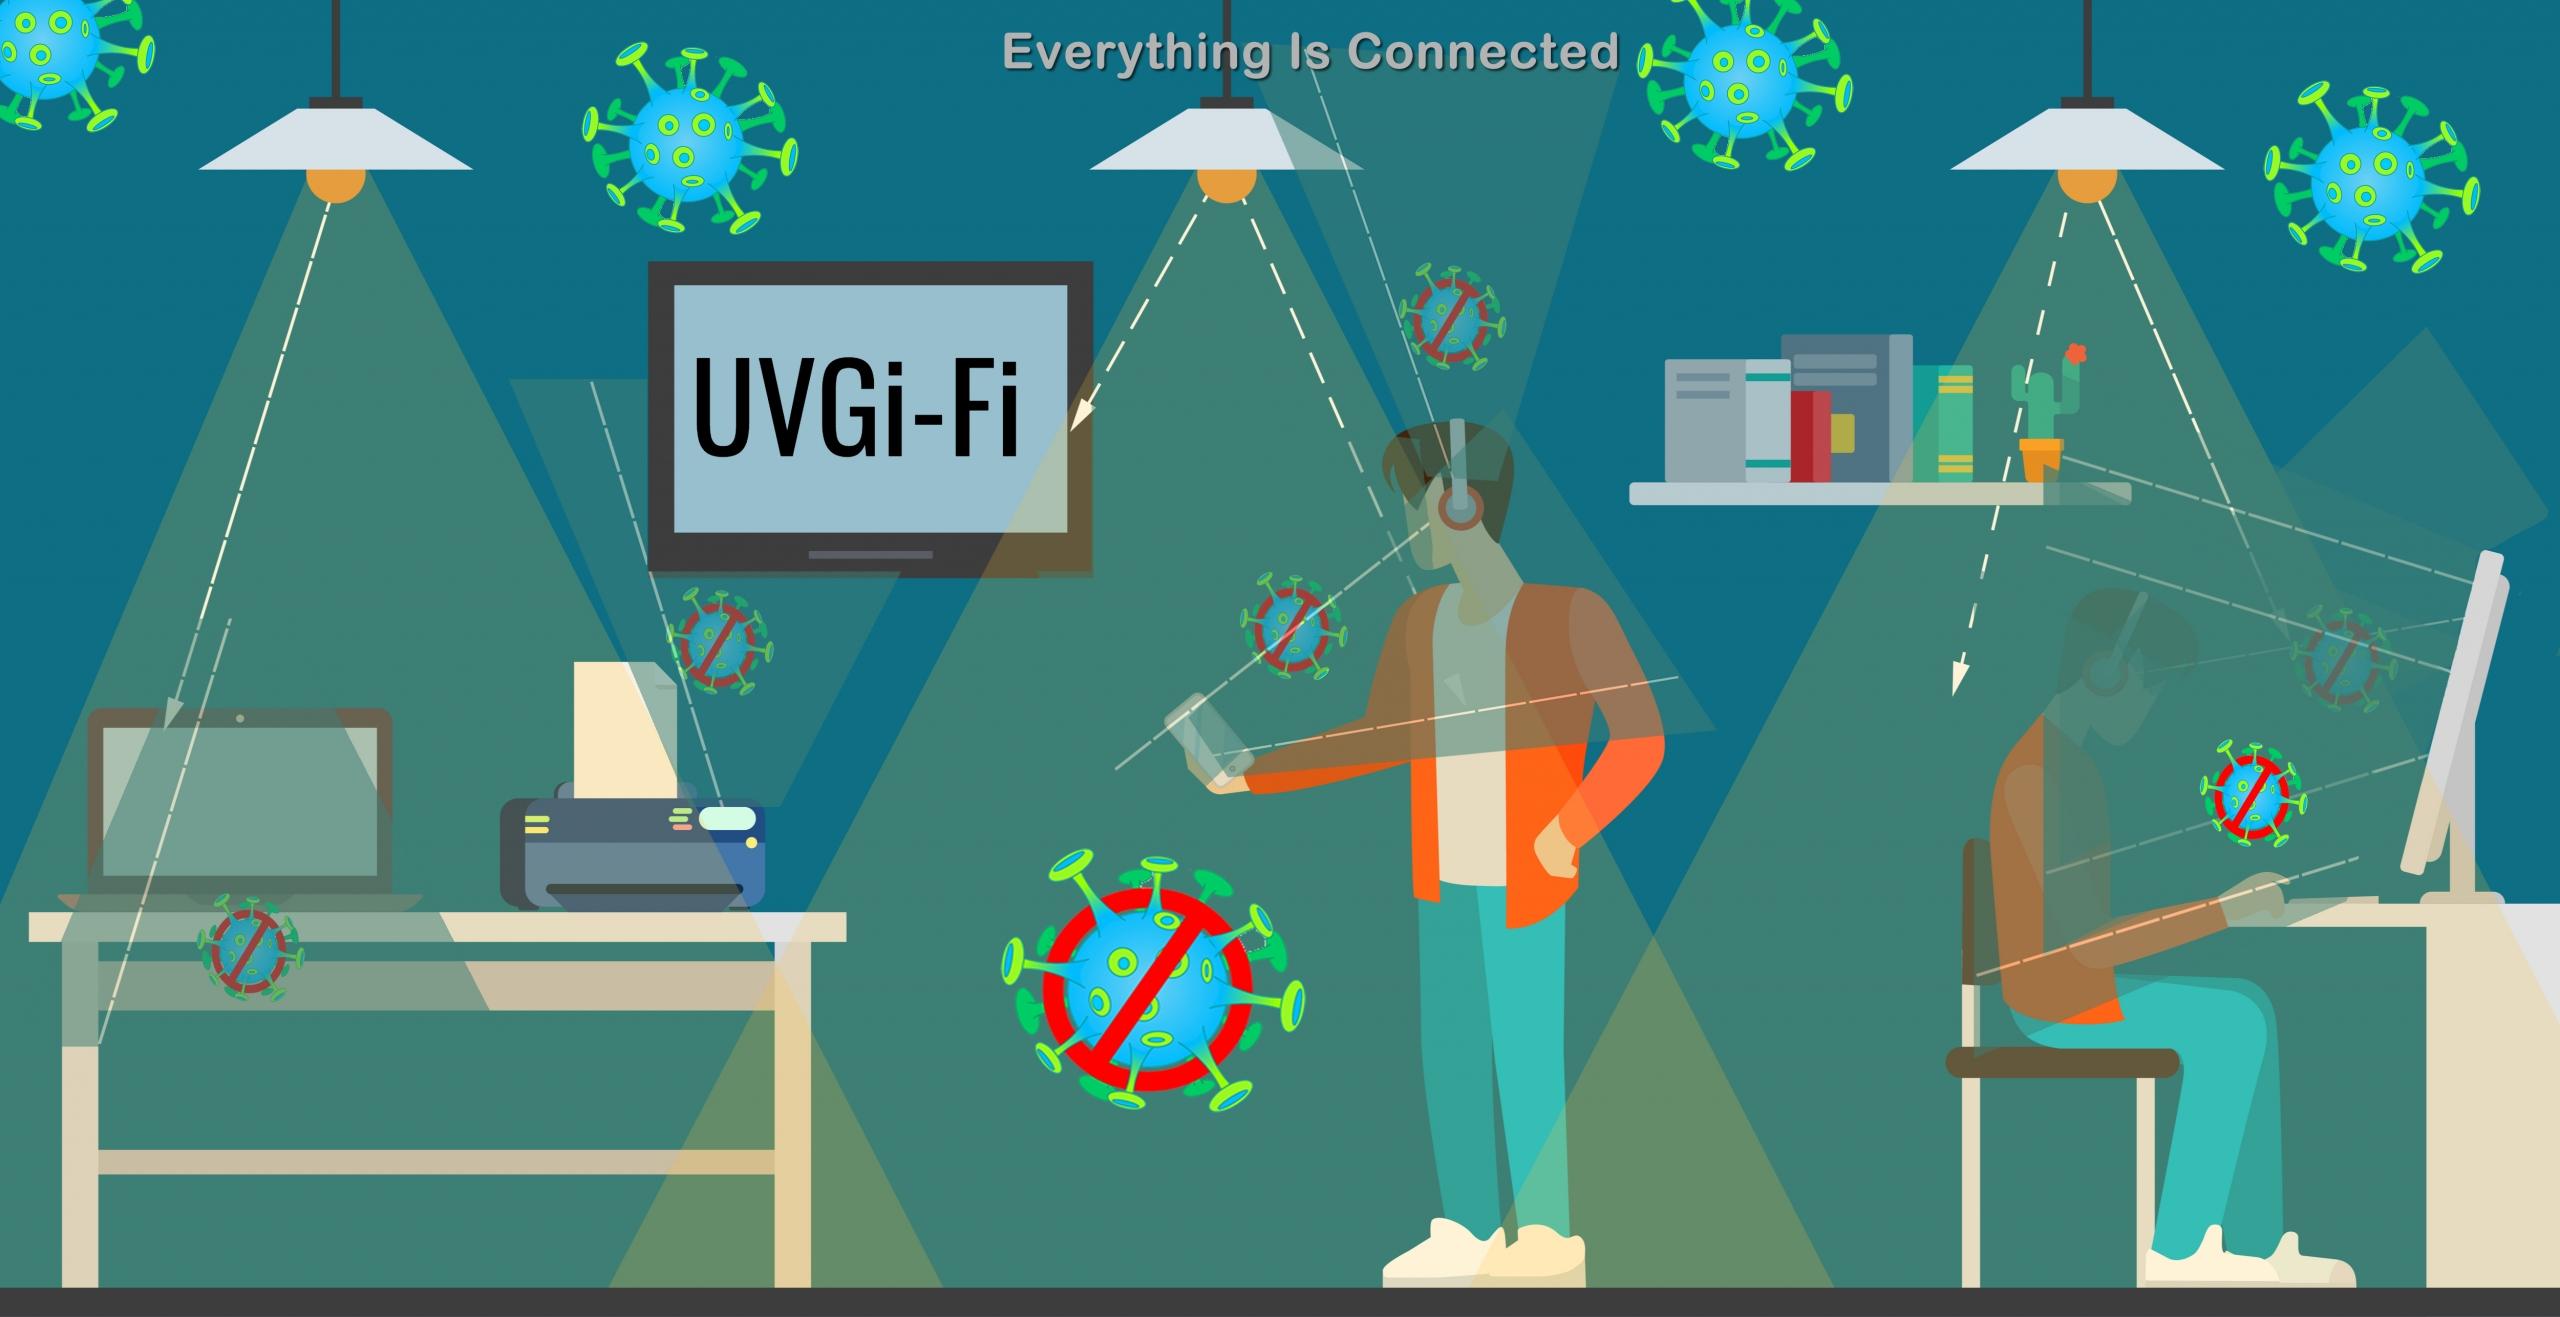 far-uv-communications-innovations-far-uv-c-light-uvgi-fi-solid-state-led-far-uv